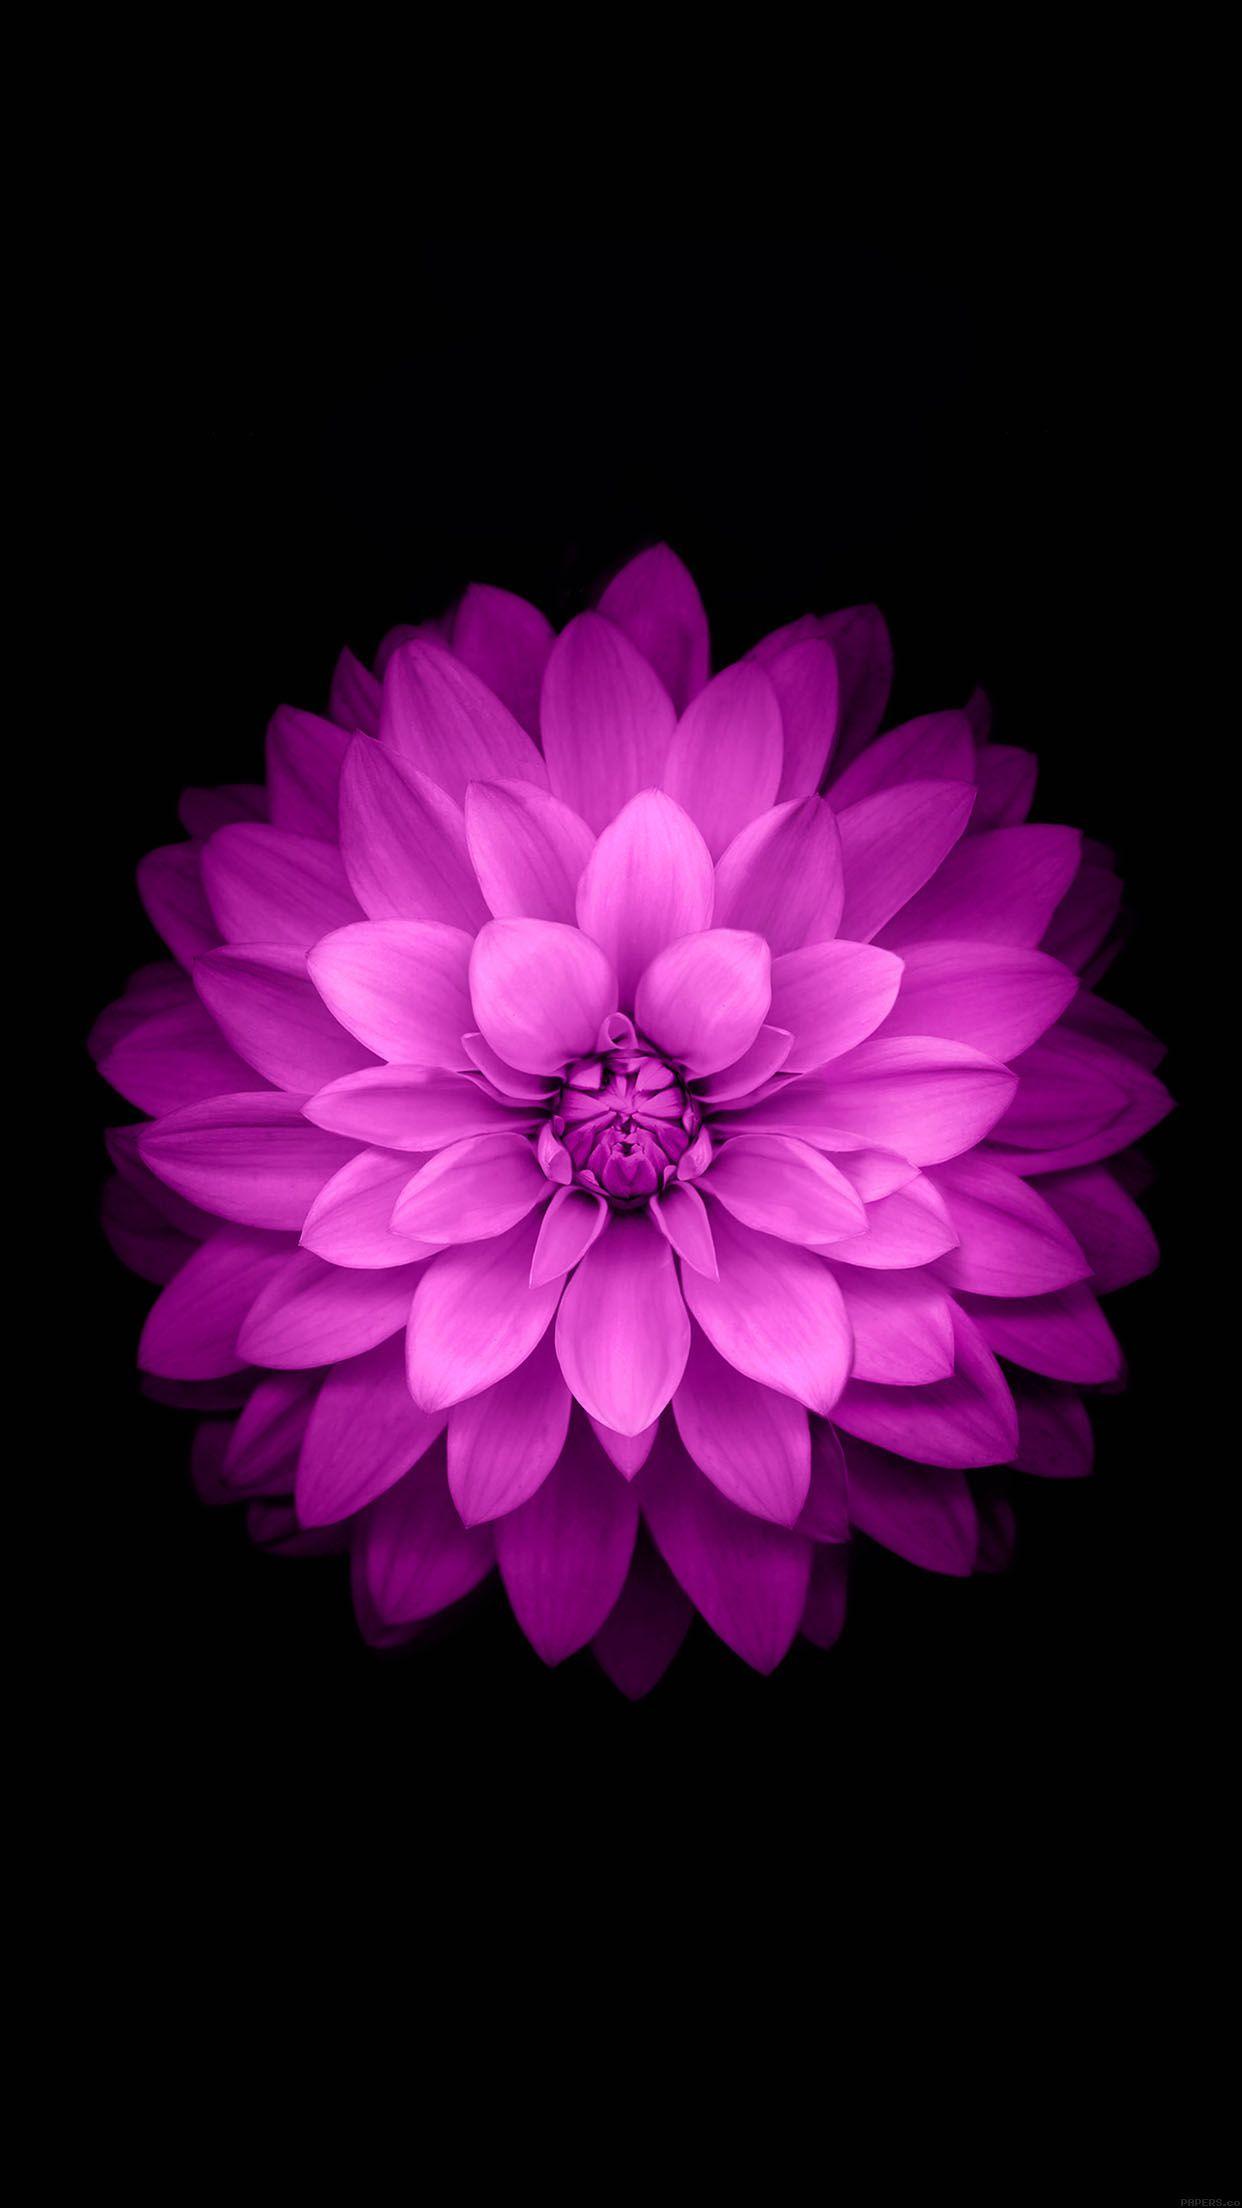 Fond D Ecran Fleur Rose Iphone Idee D Image De Fleur